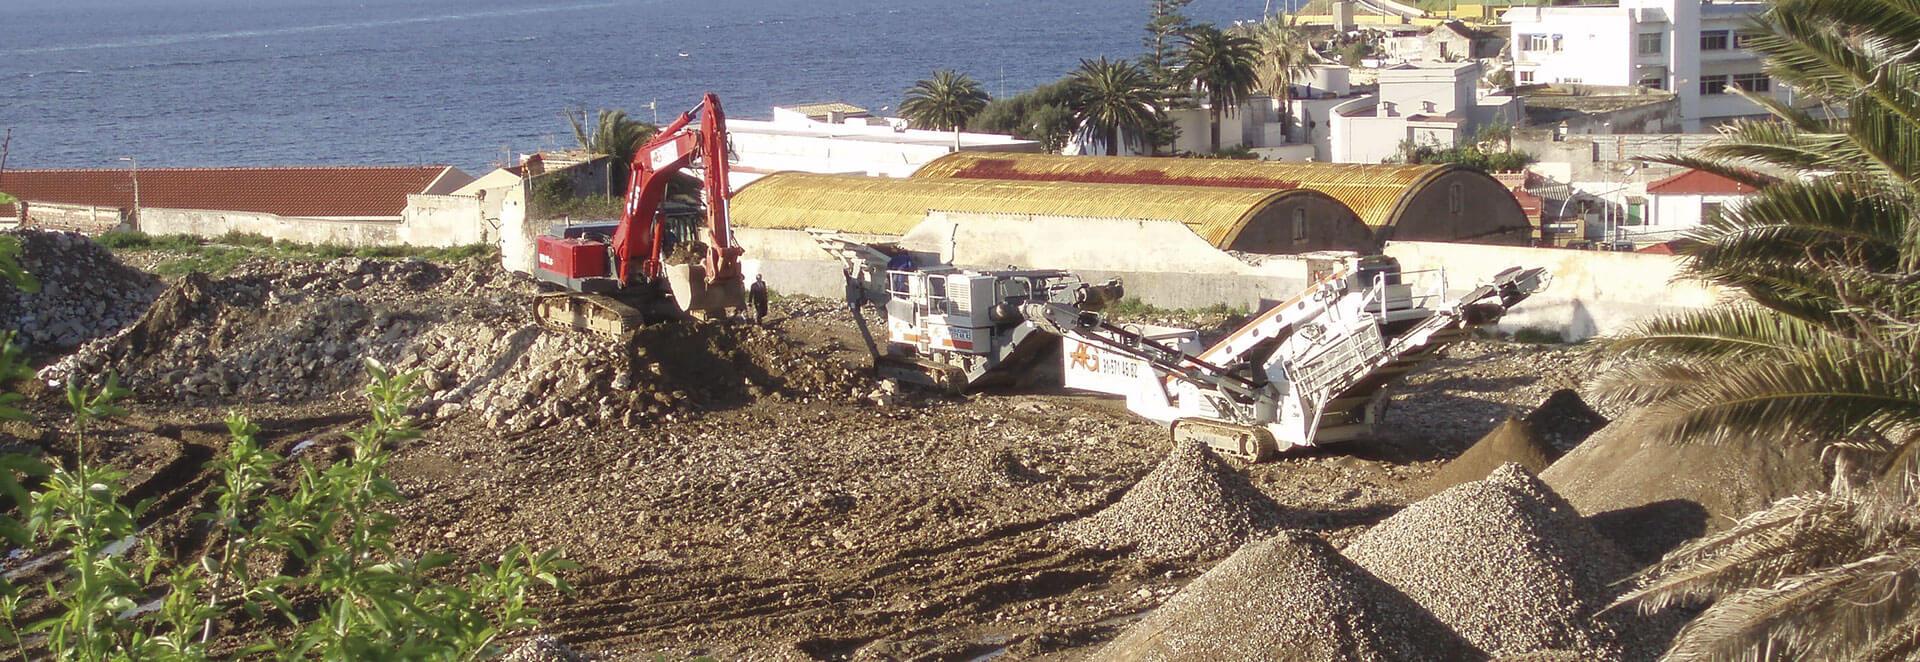 Demolicion Cuartel Las Heras, Ceuta - AG Construcciones y demoliciones